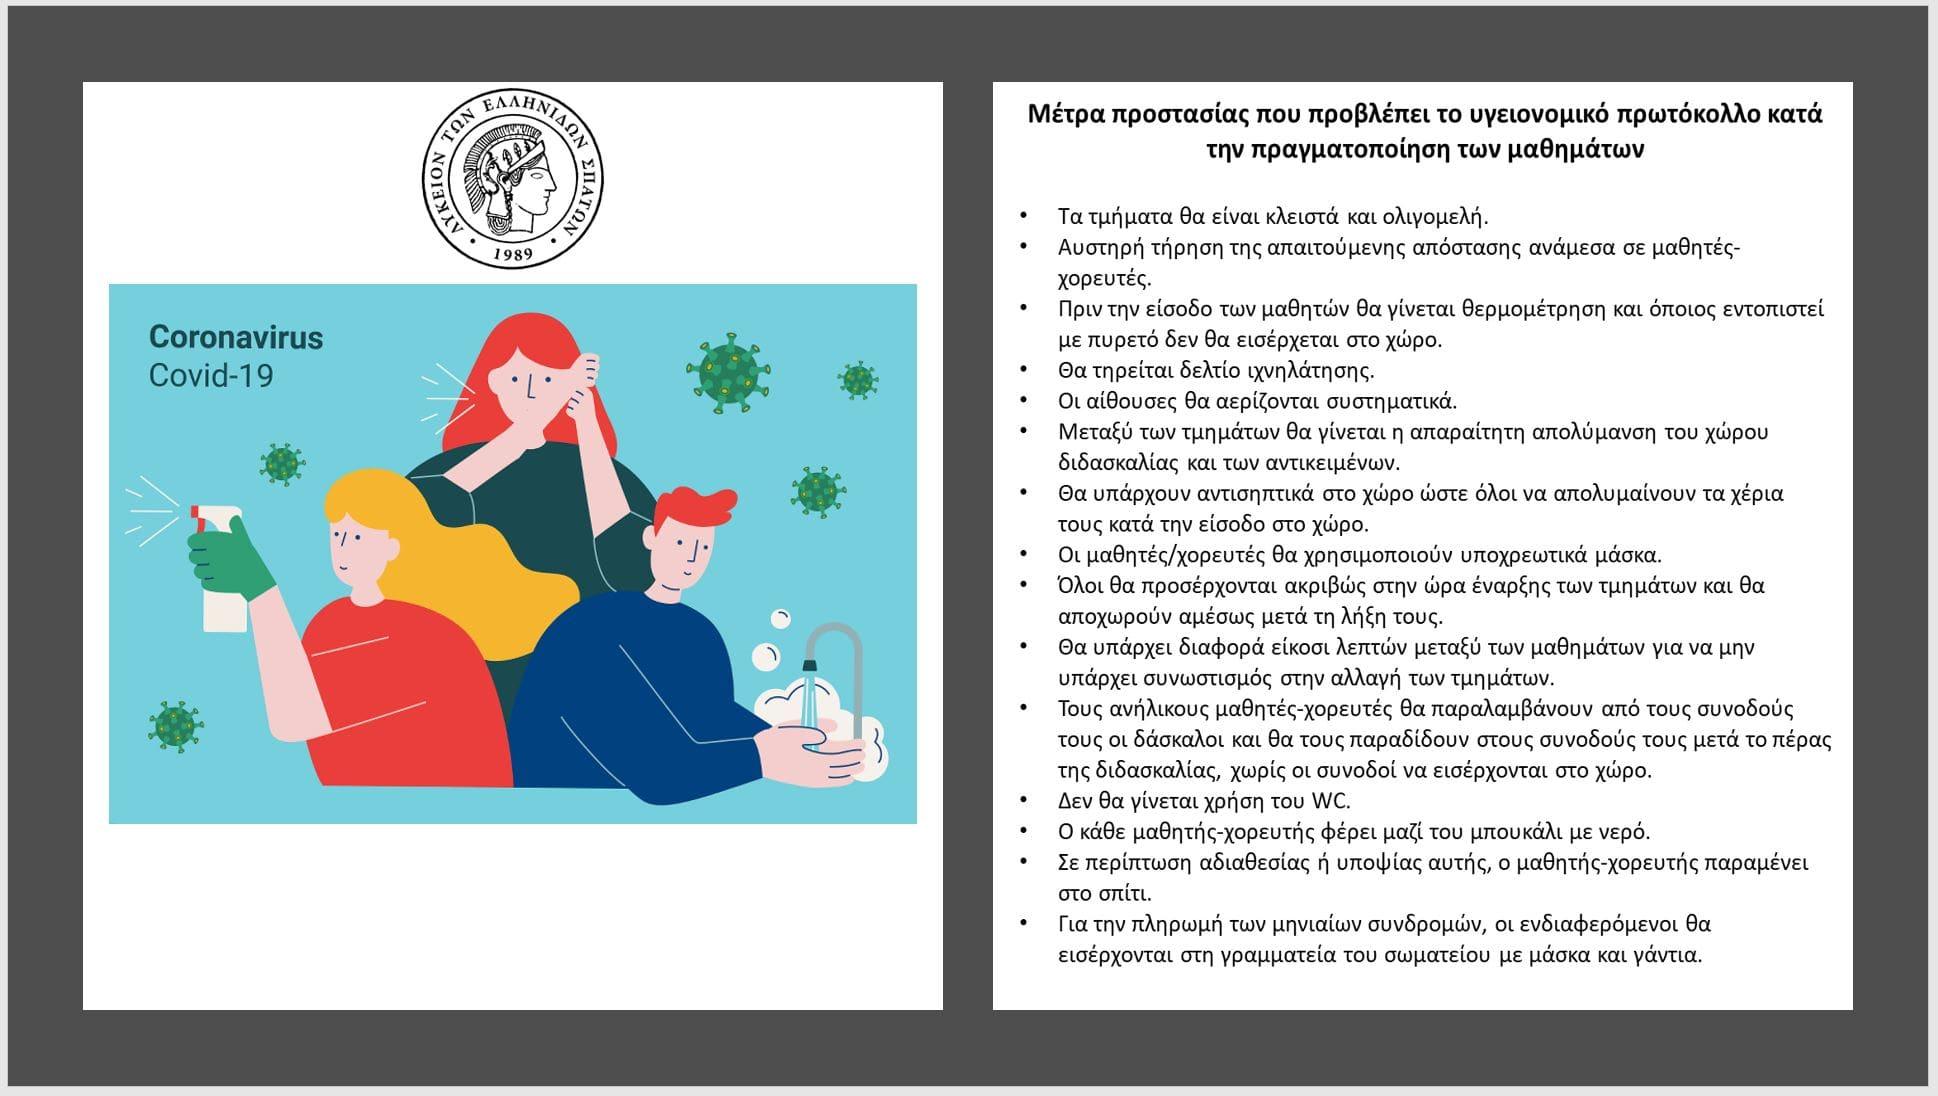 Μέτρα προστασίας που προβλέπει το υγειονομικό πρωτόκολλο κατά την πραγματοποίηση των μαθημάτων